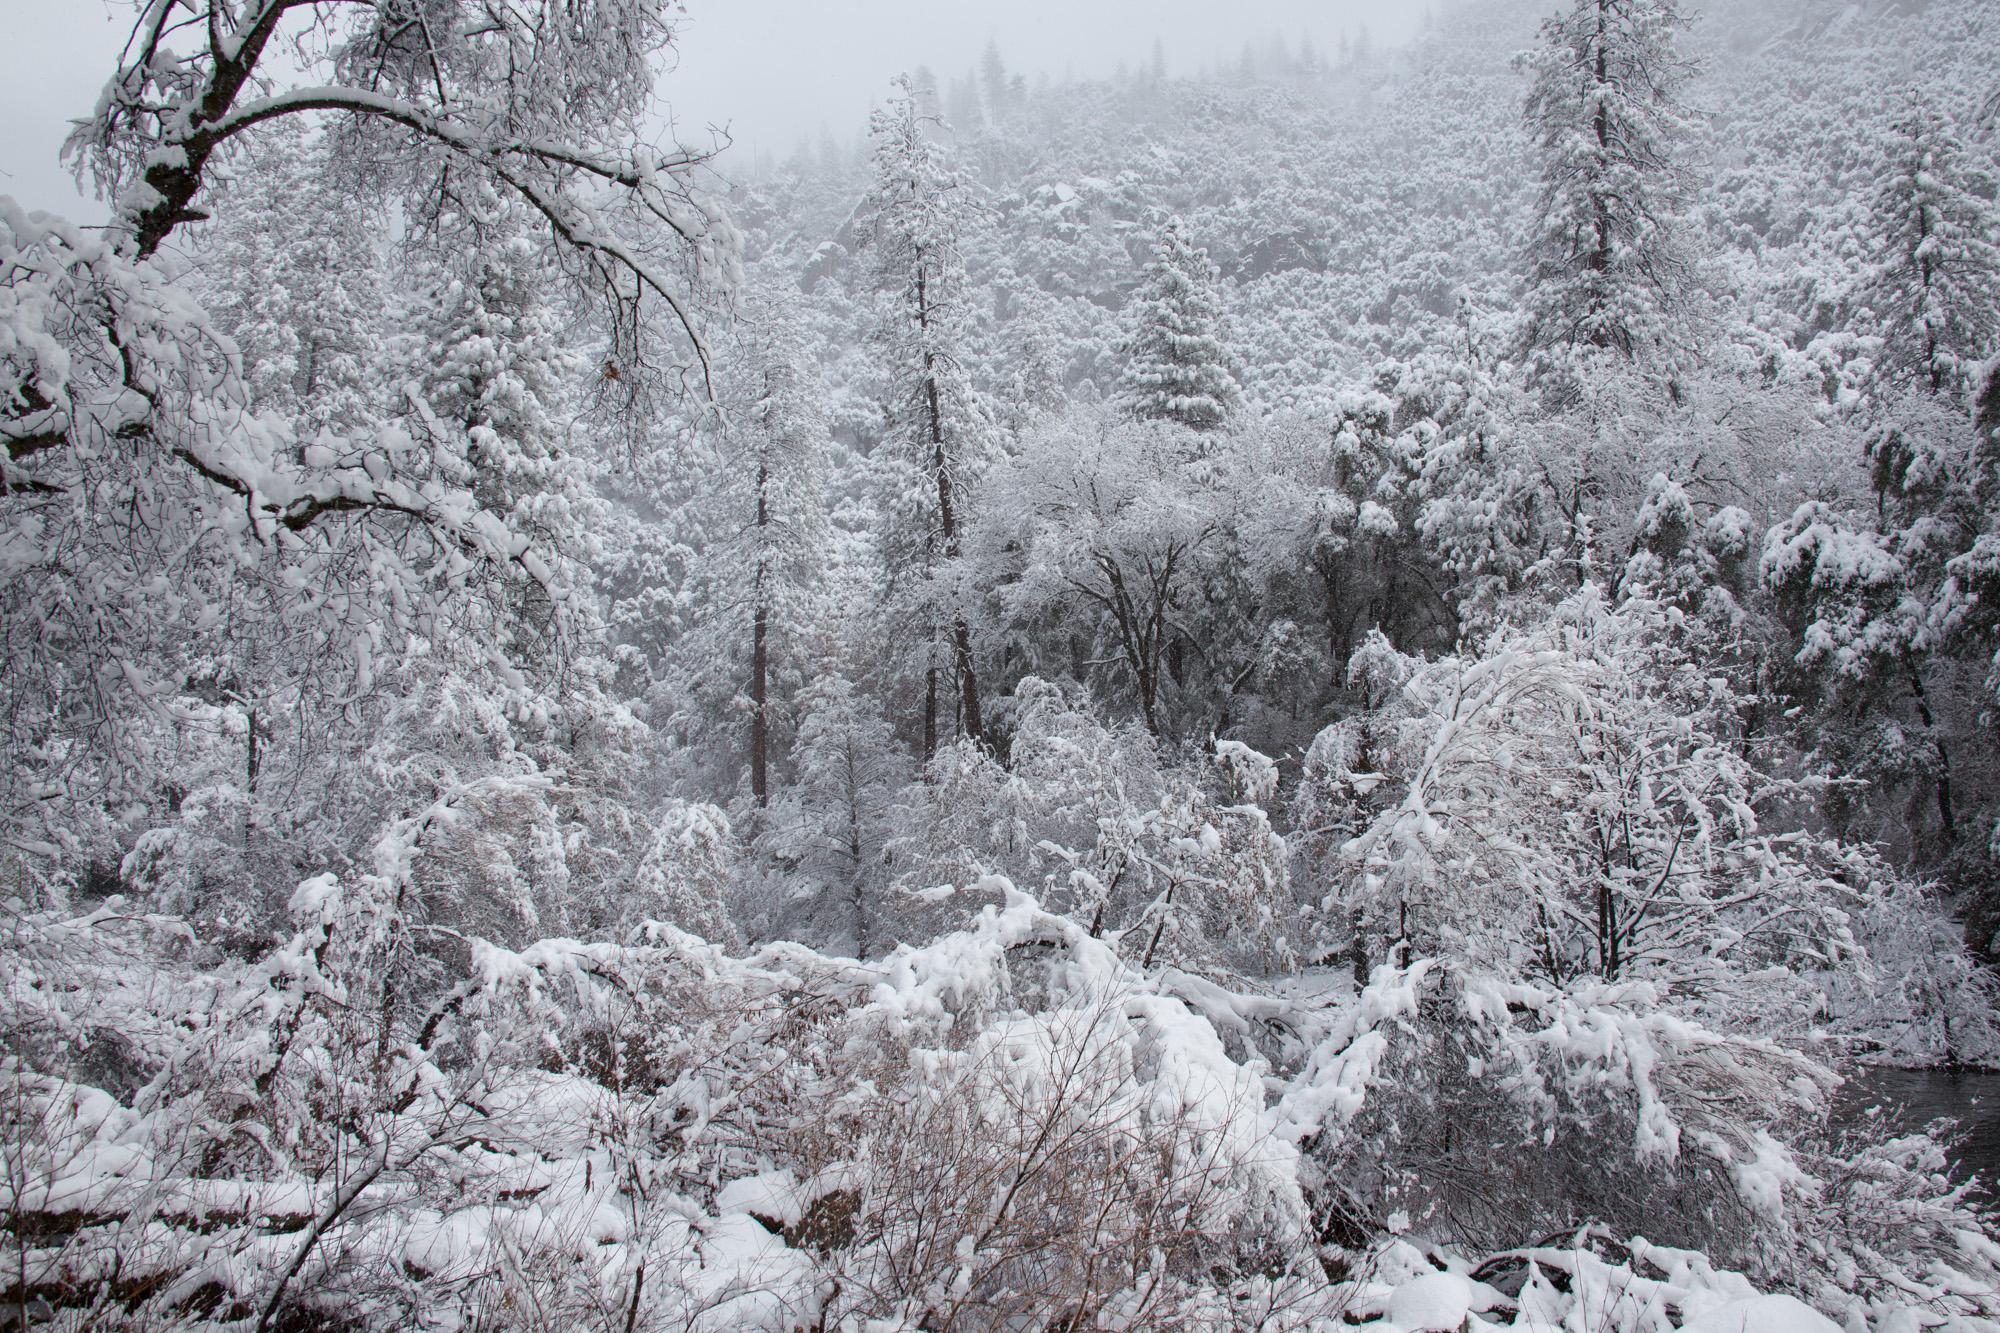 2019-02 Yosemite-19.jpg